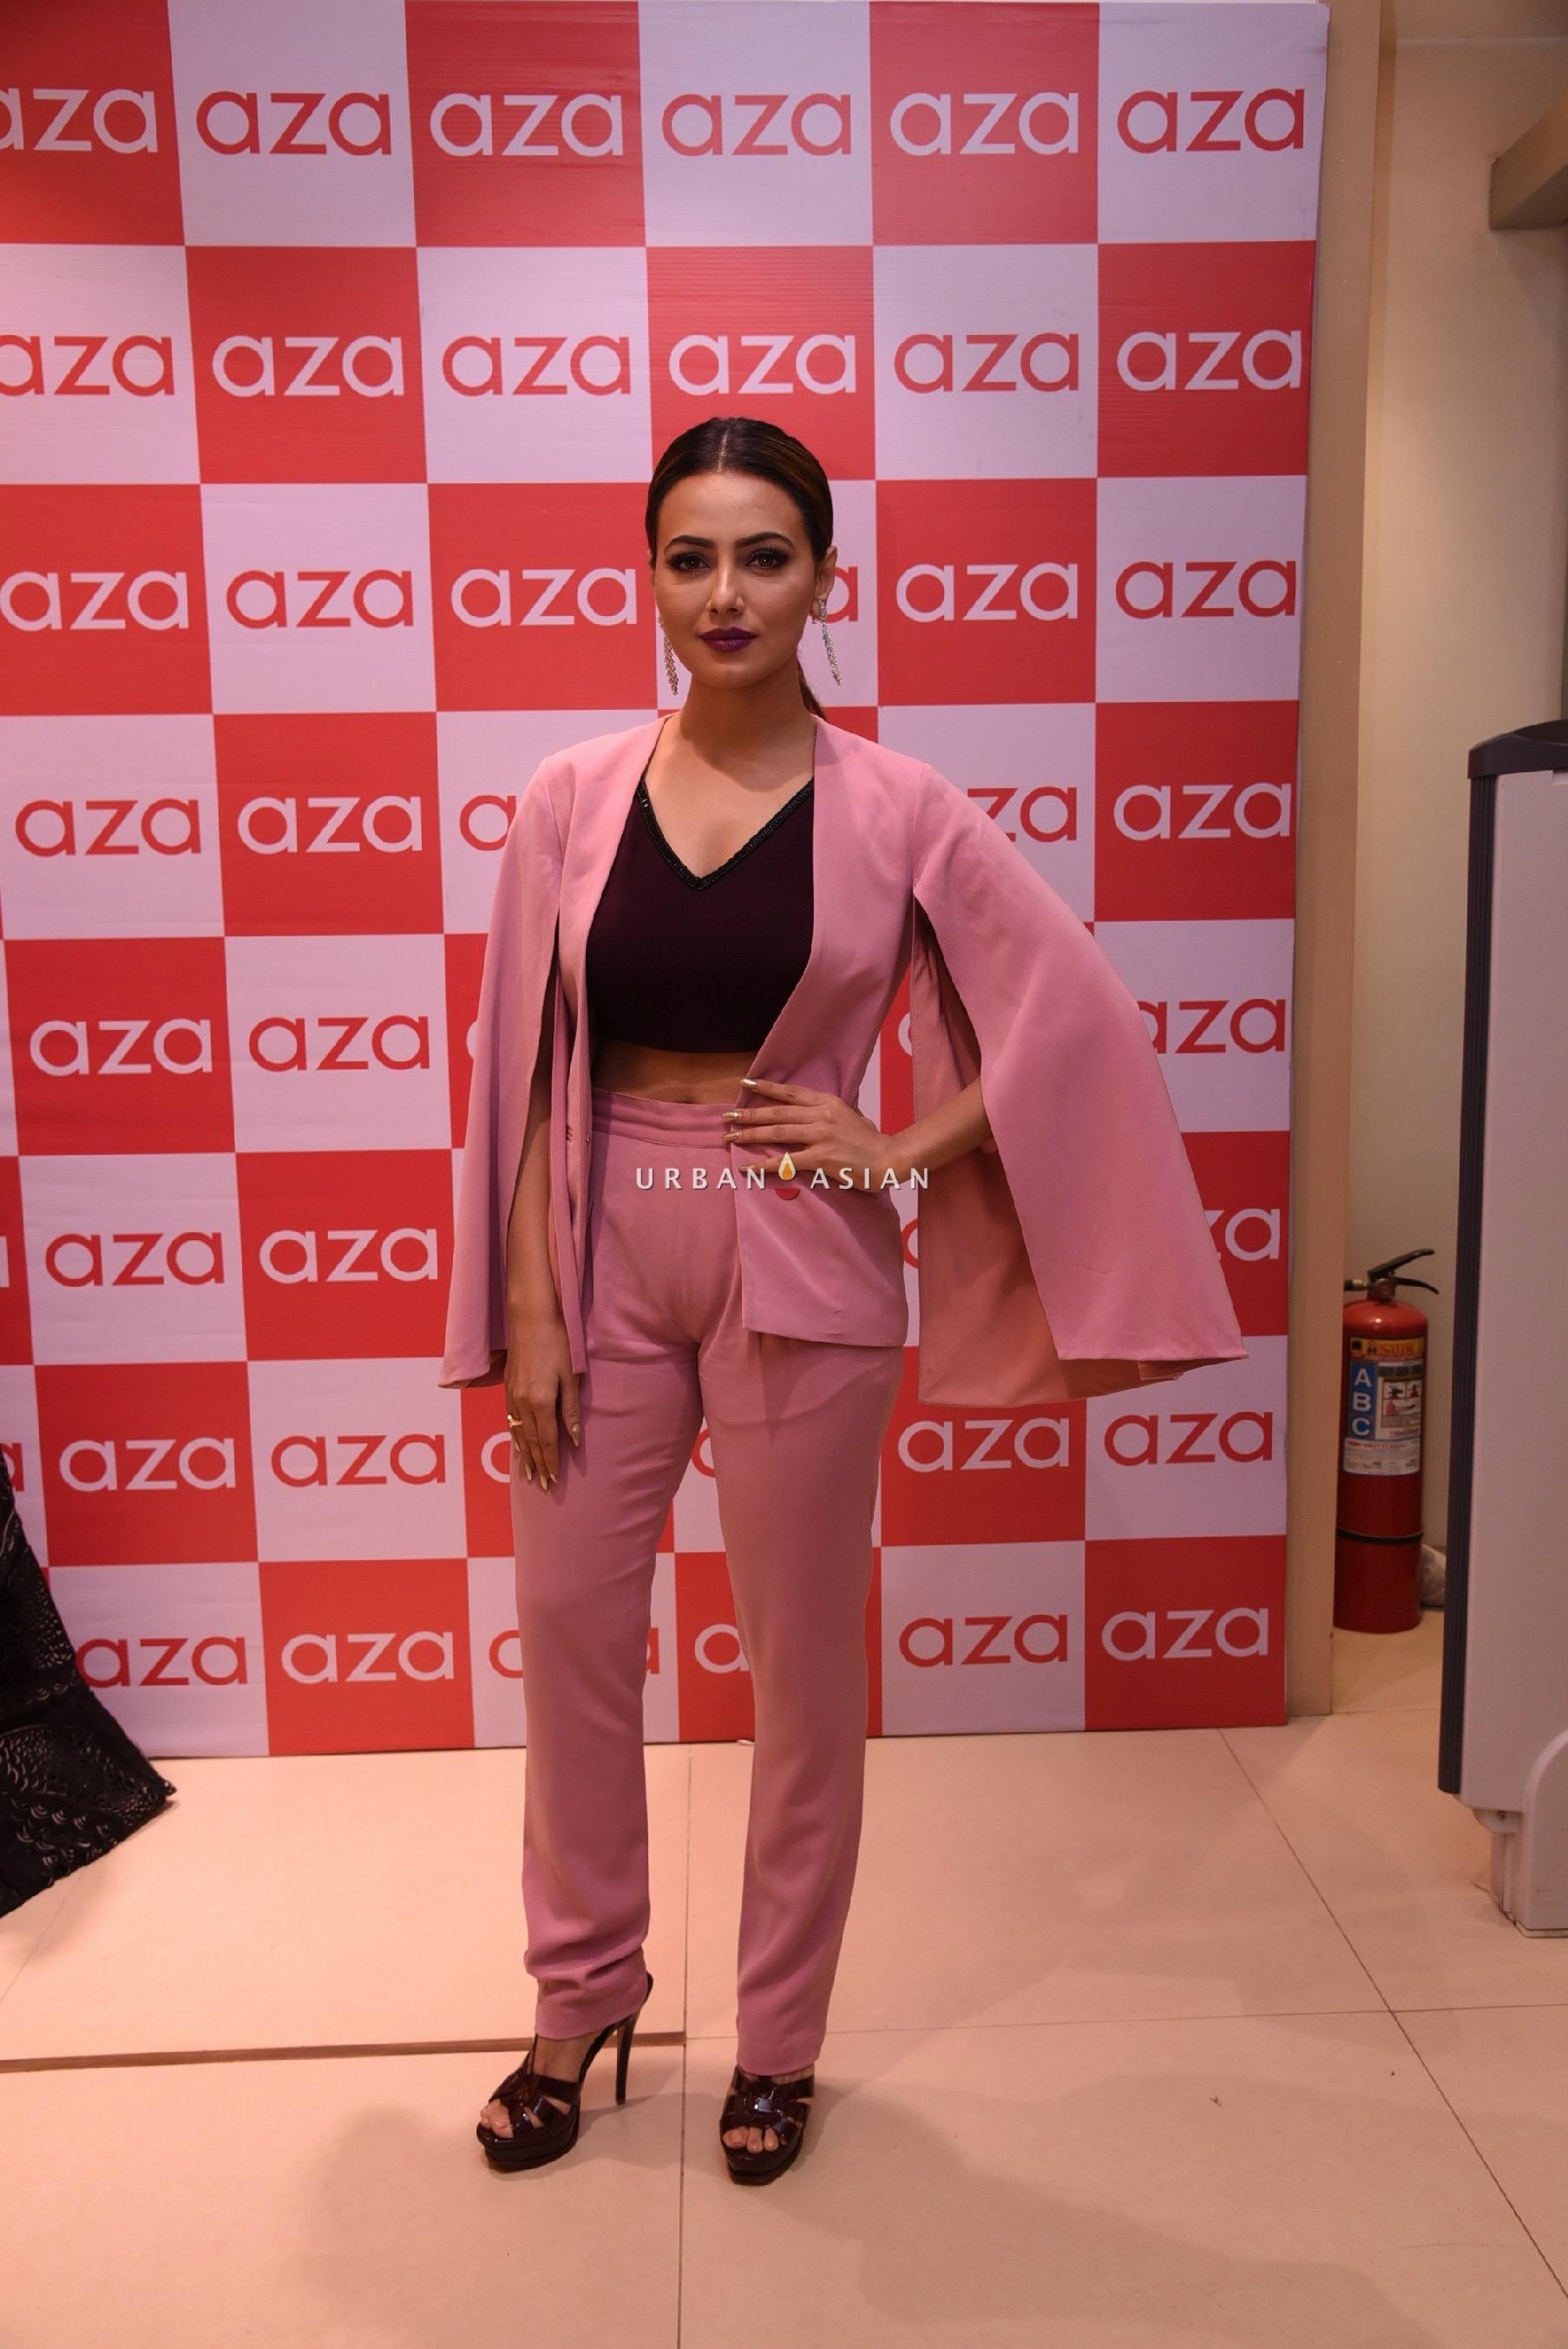 sana-khan-eshaa-amiins-new-party-wear-launch-at-aza